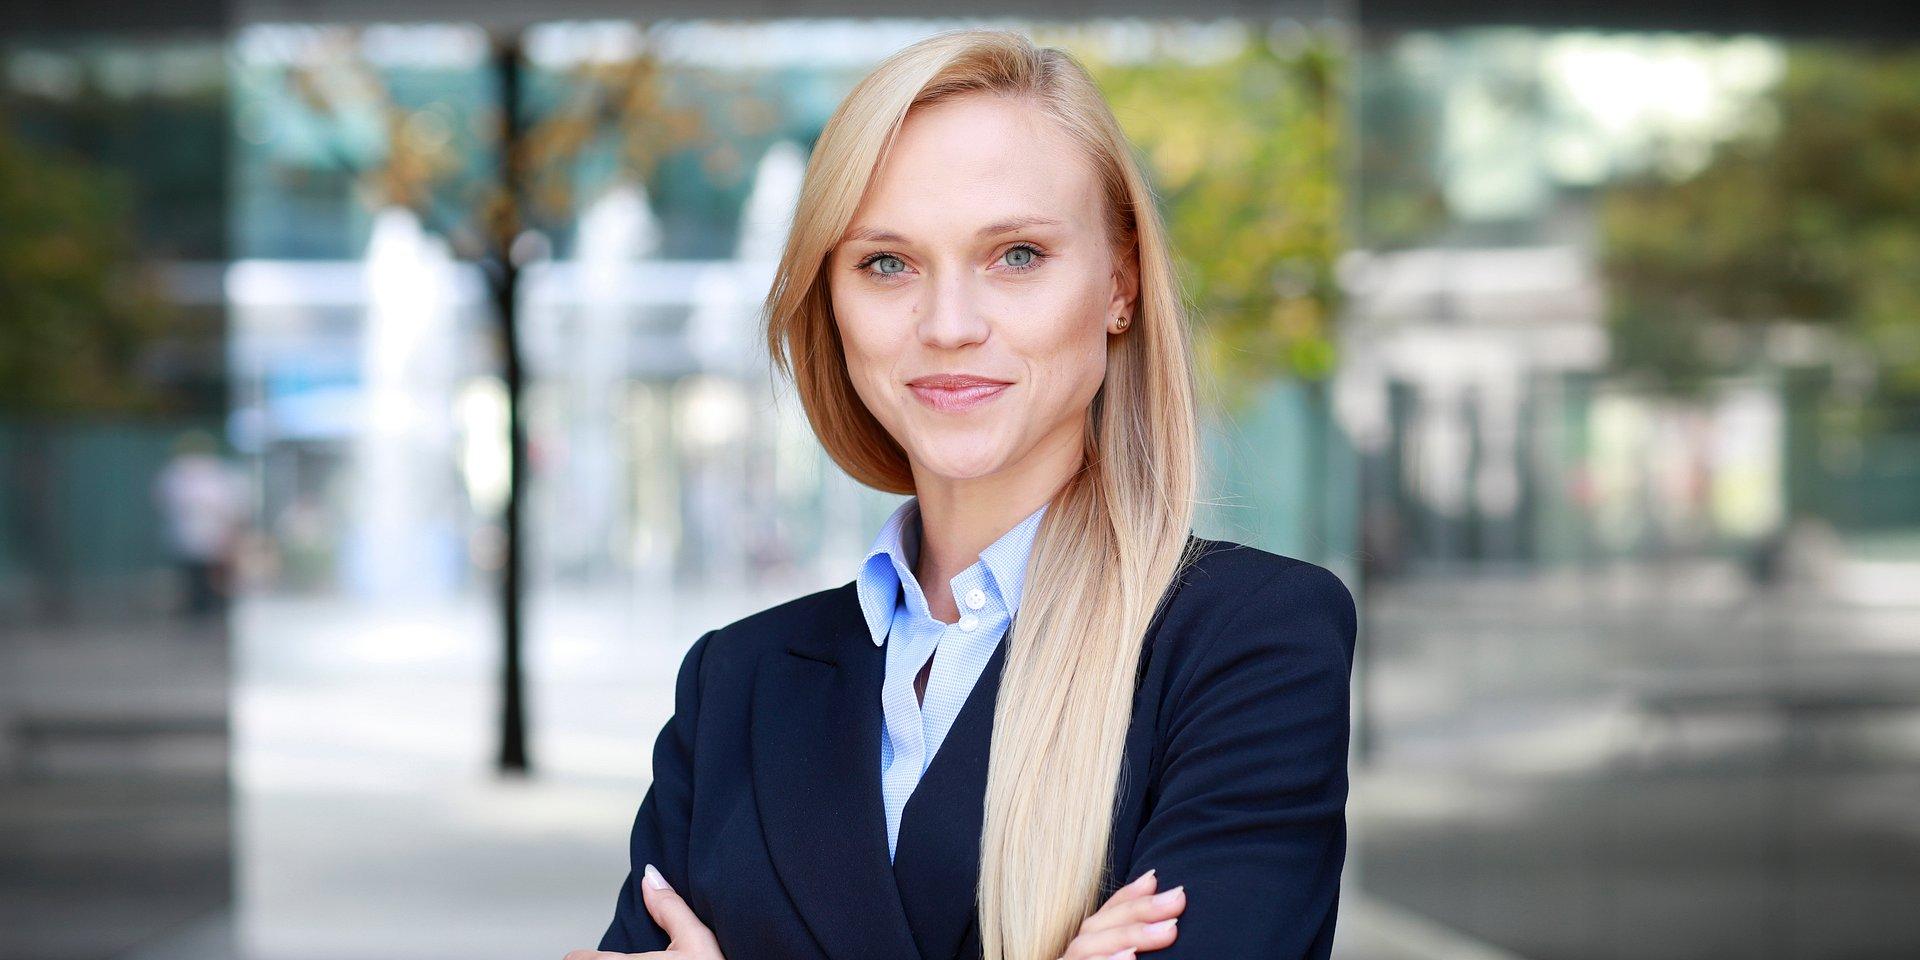 Aleksandra Karczewska dołączyła do Colliers International